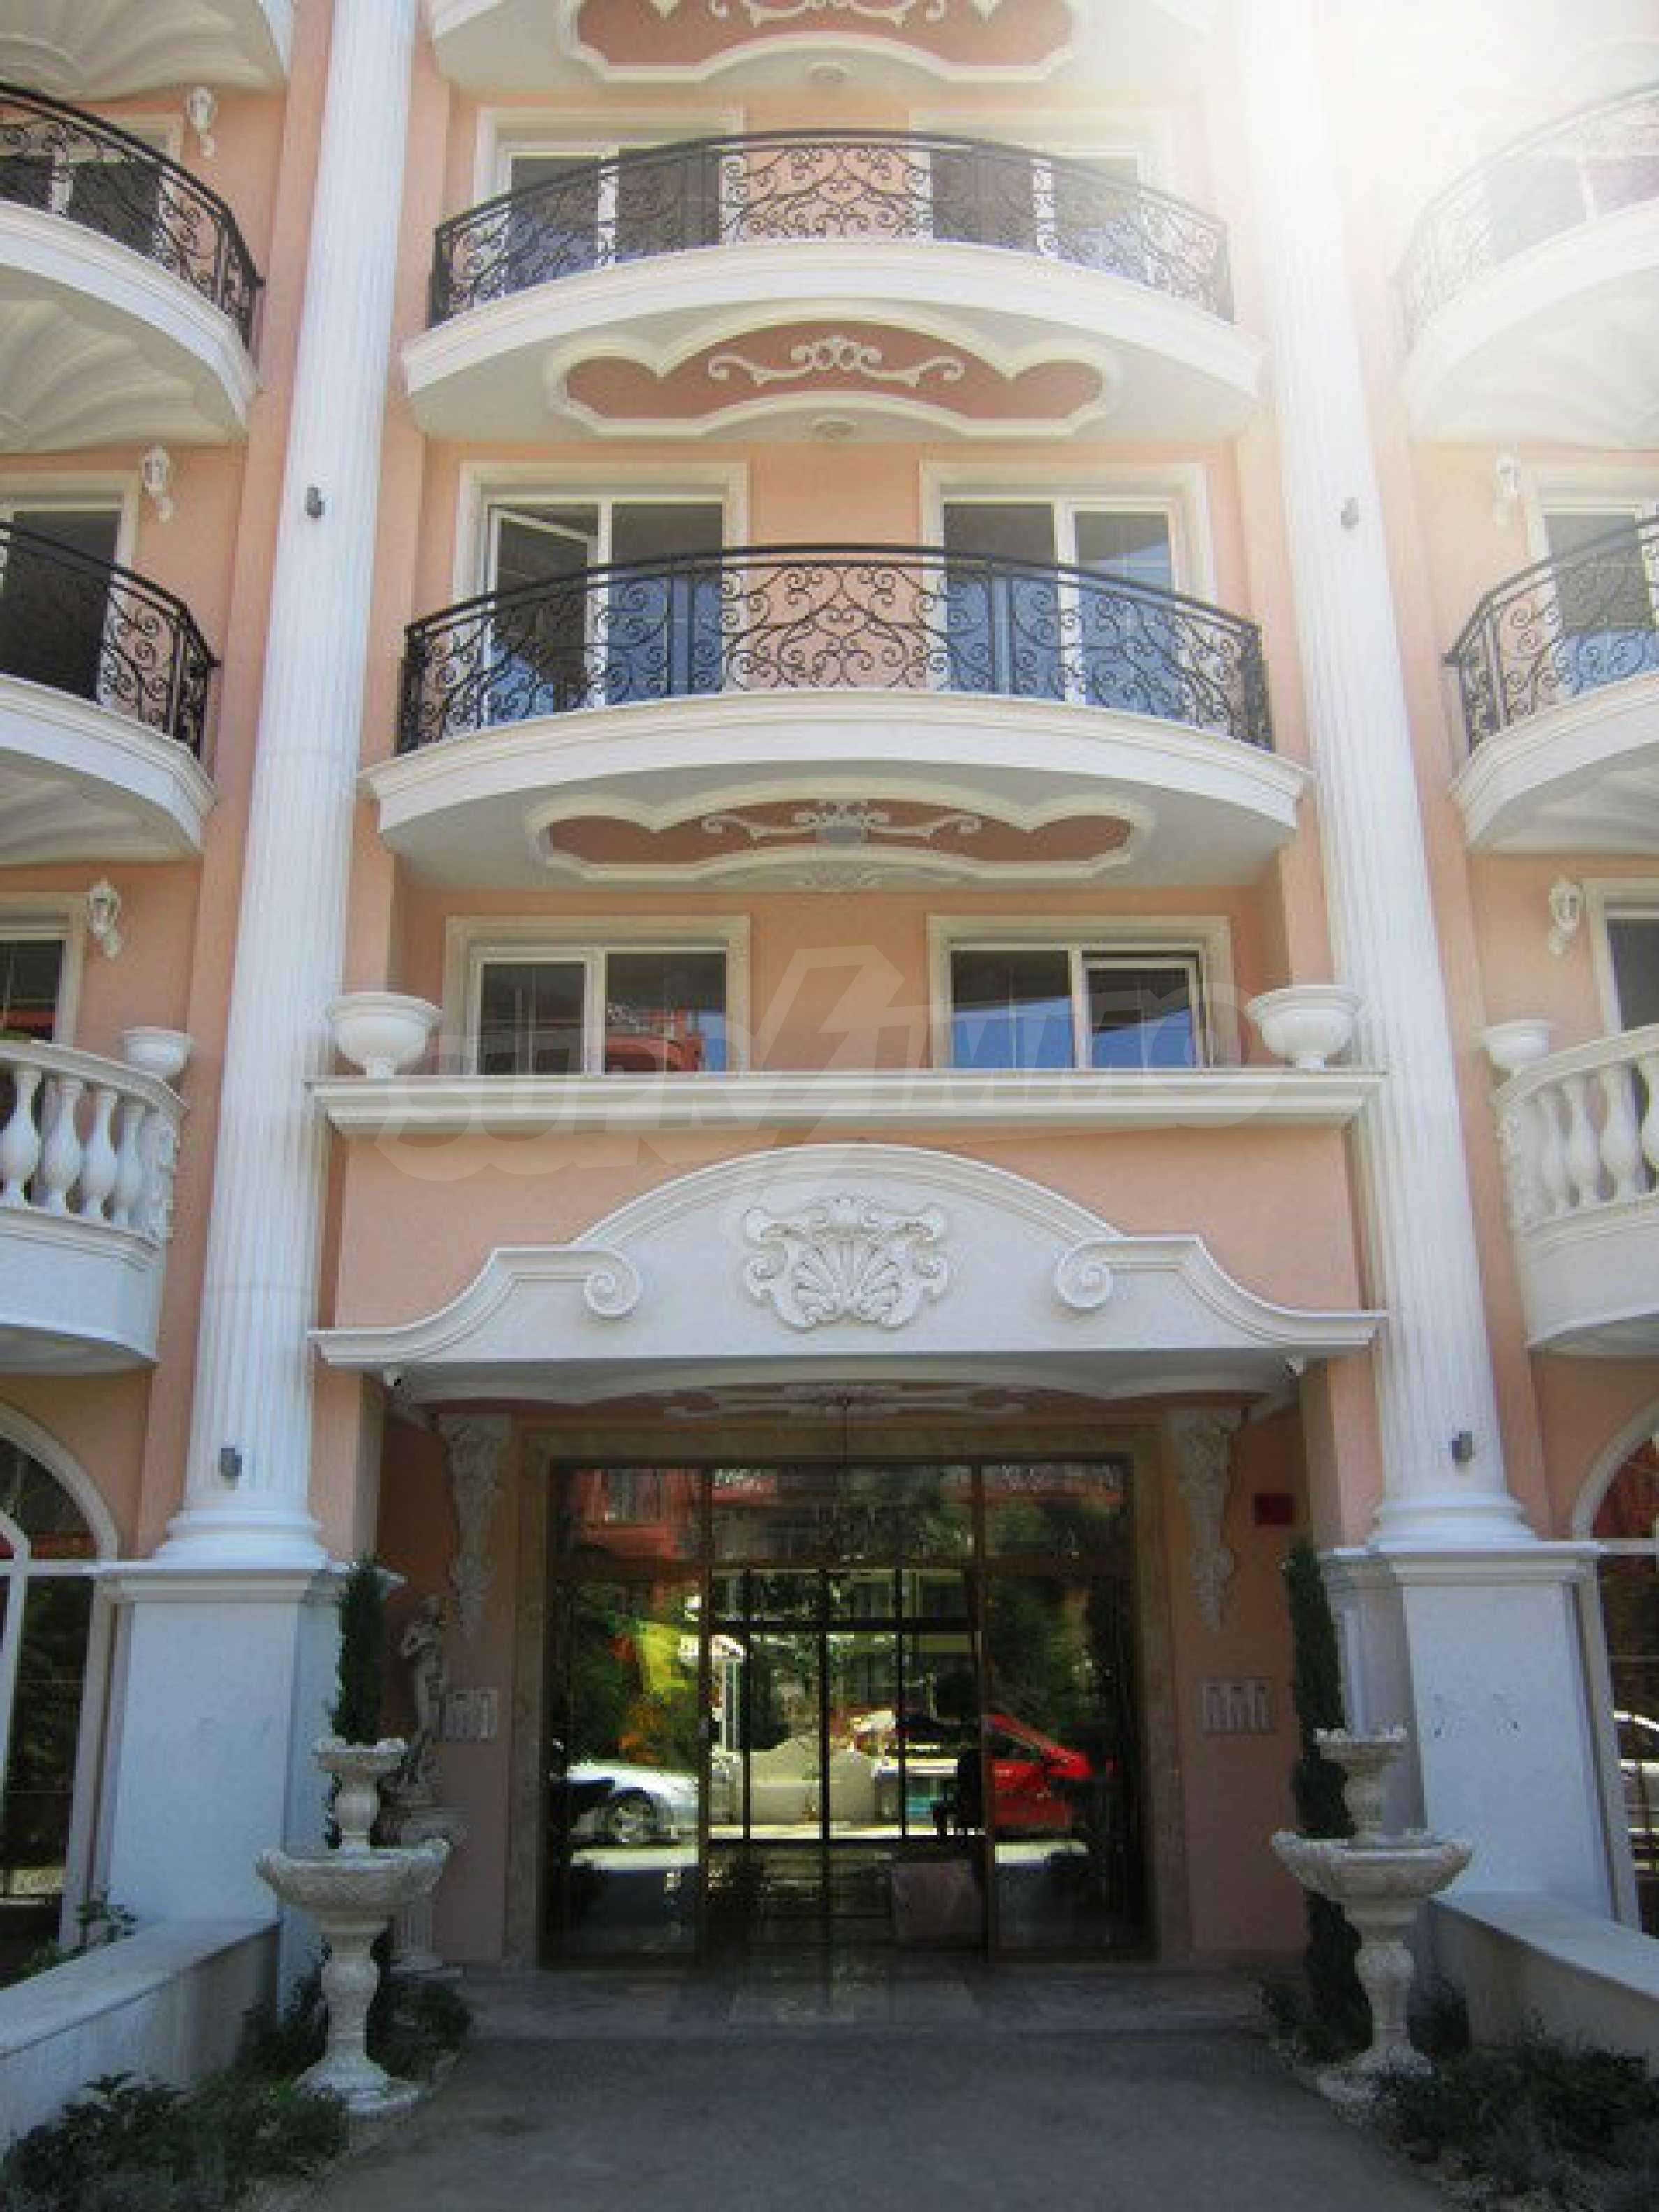 Dawn Park Royal Venera Palace 60